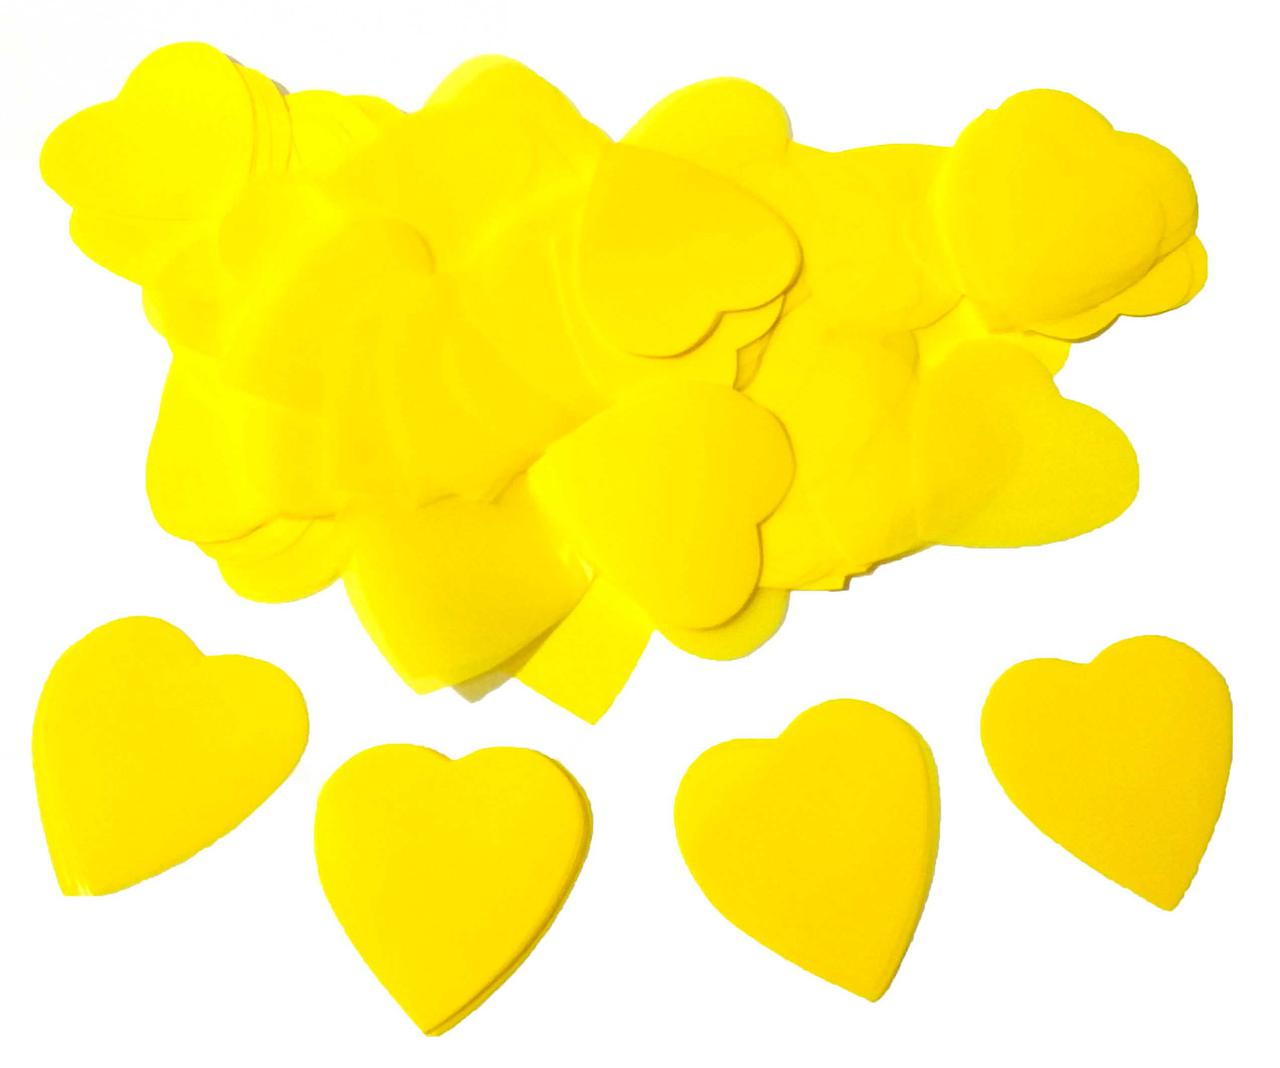 Конфетти сердечки жёлтые.Размер: 35мм. Вес:50гр.